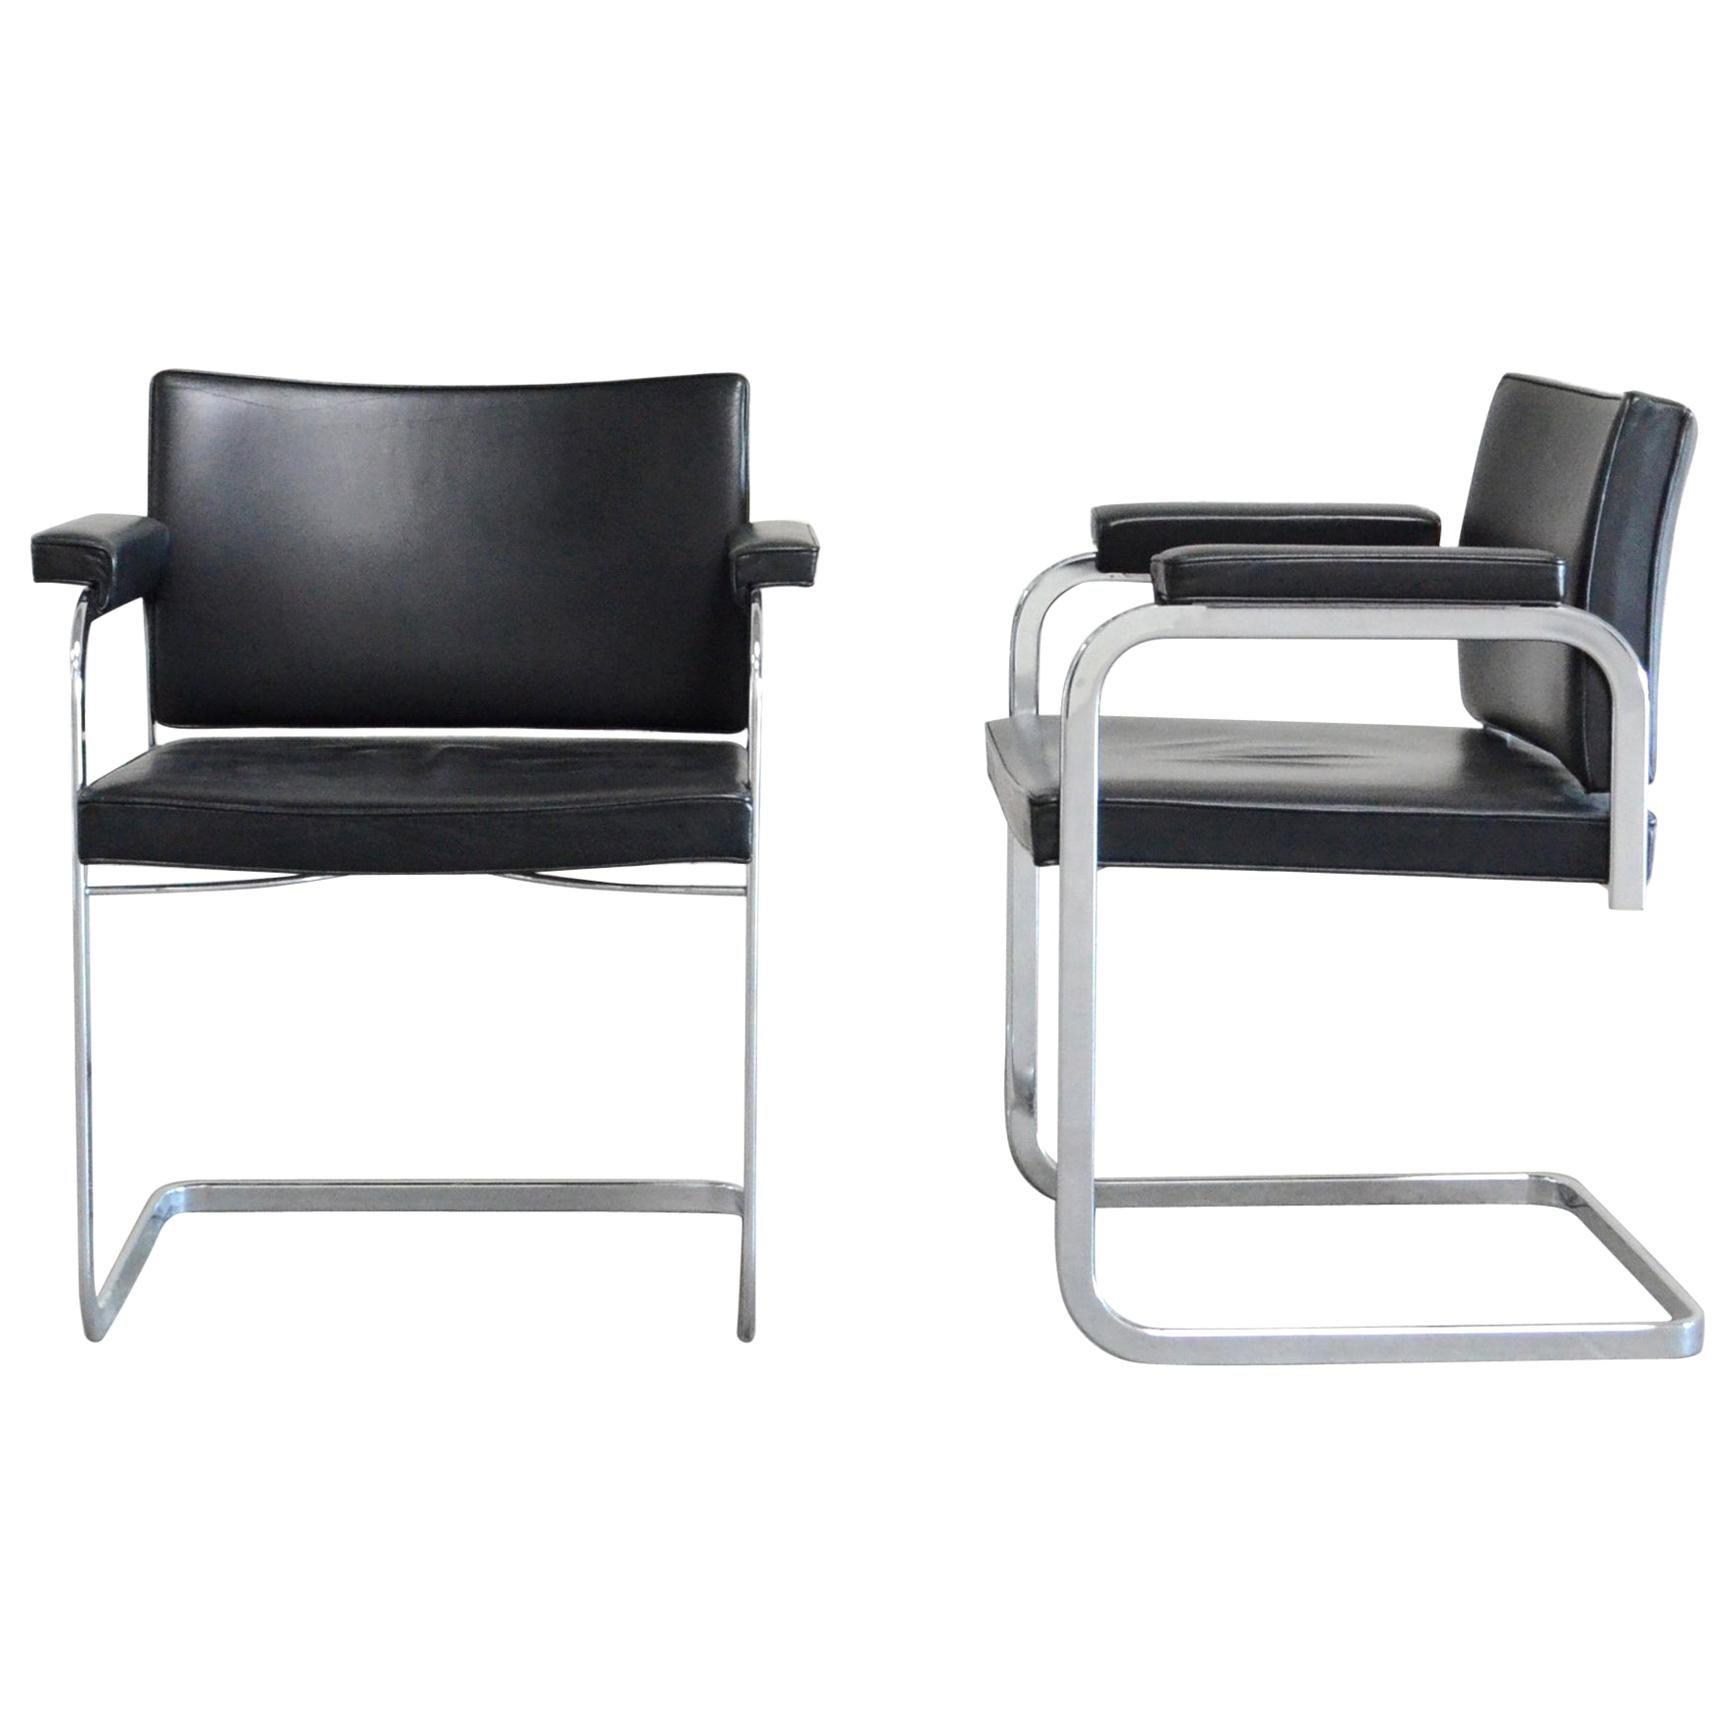 Robert Haussmann De Sede RH 305 Chair Black